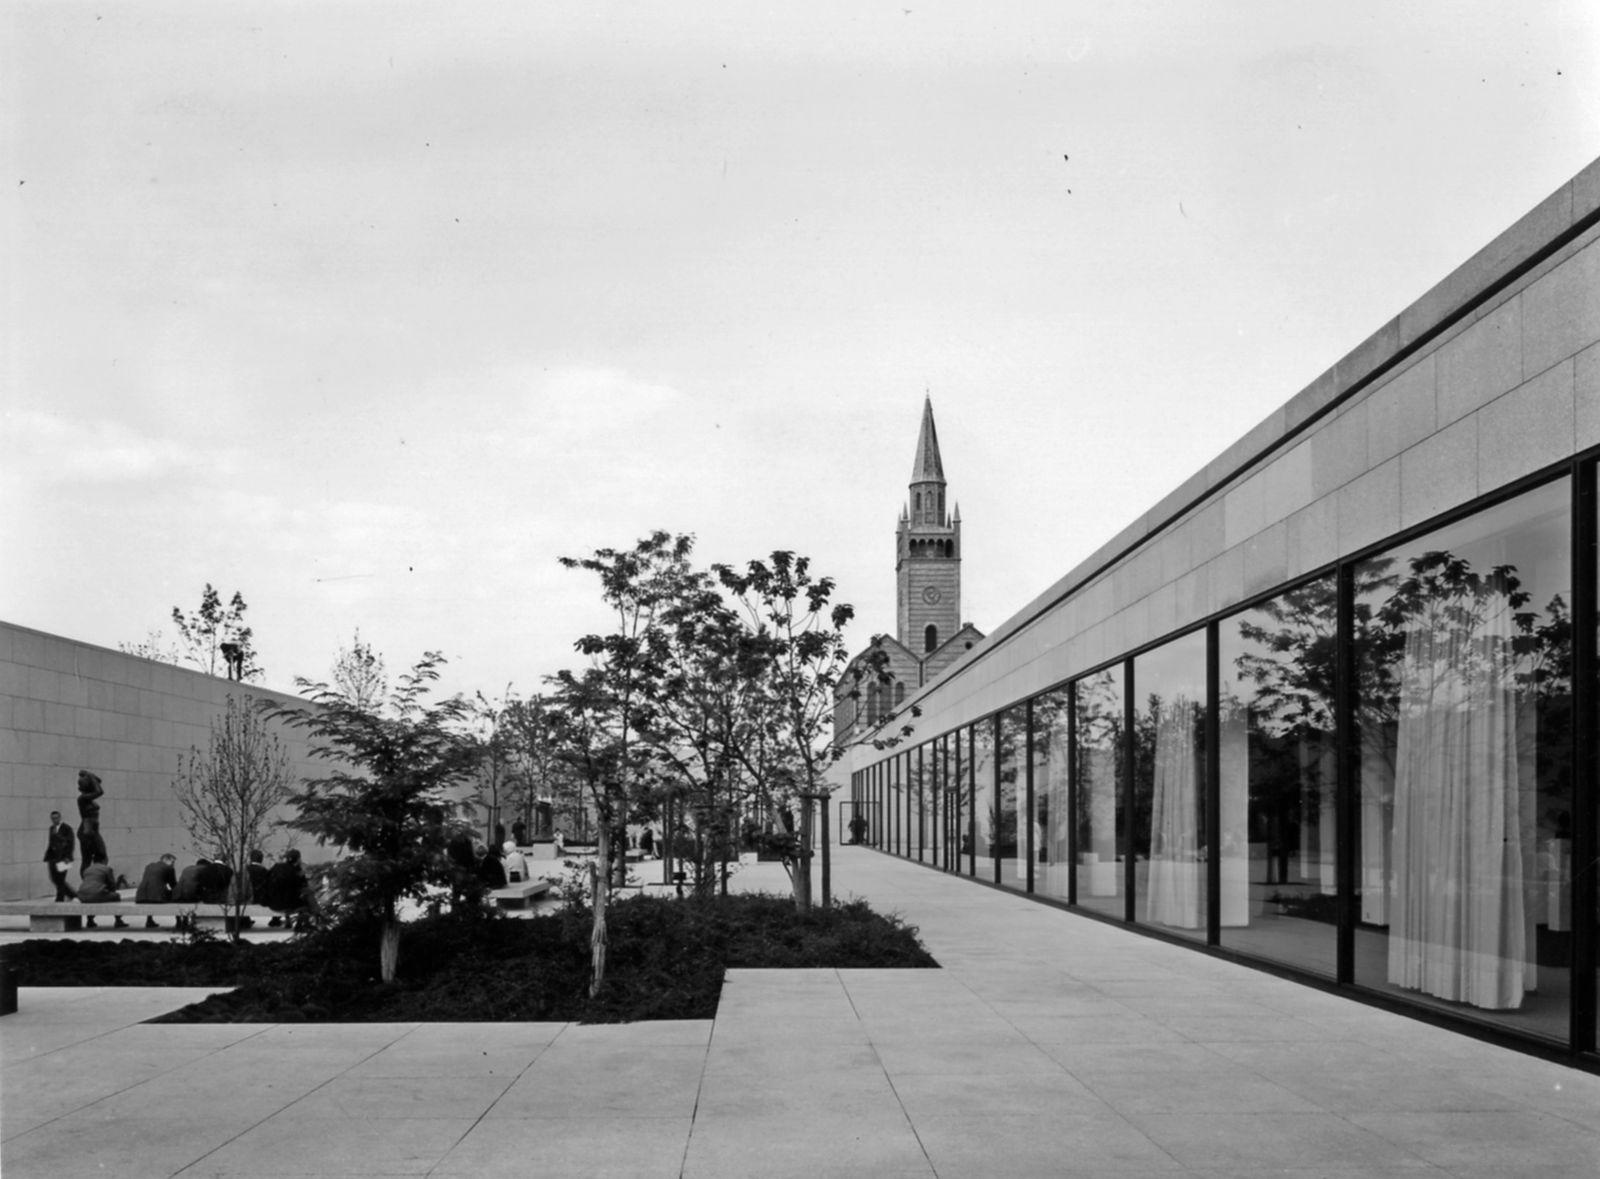 Der Skulpturengarten zur Eröffnung des Museums (c) Staatliche Museen zu Berlin, Zentralarchiv, Reinhard Friedrich;